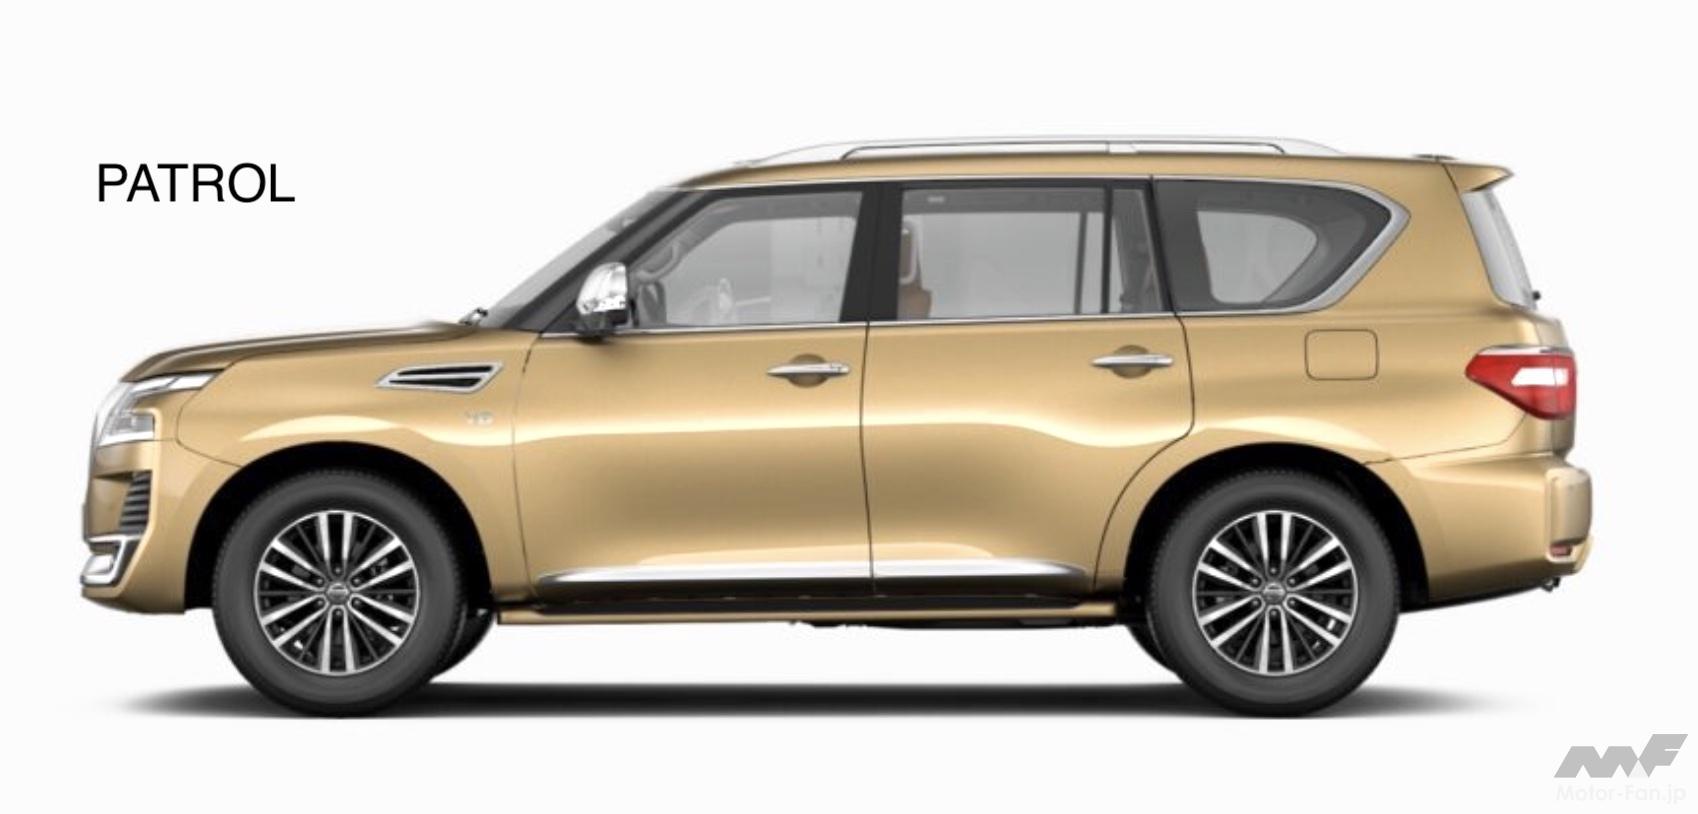 「日産SUV全14モデル マグナイト、キックス、エクストレイルから全長5.3m超のパトロールまで多彩な顔ぶれ」の10枚目の画像